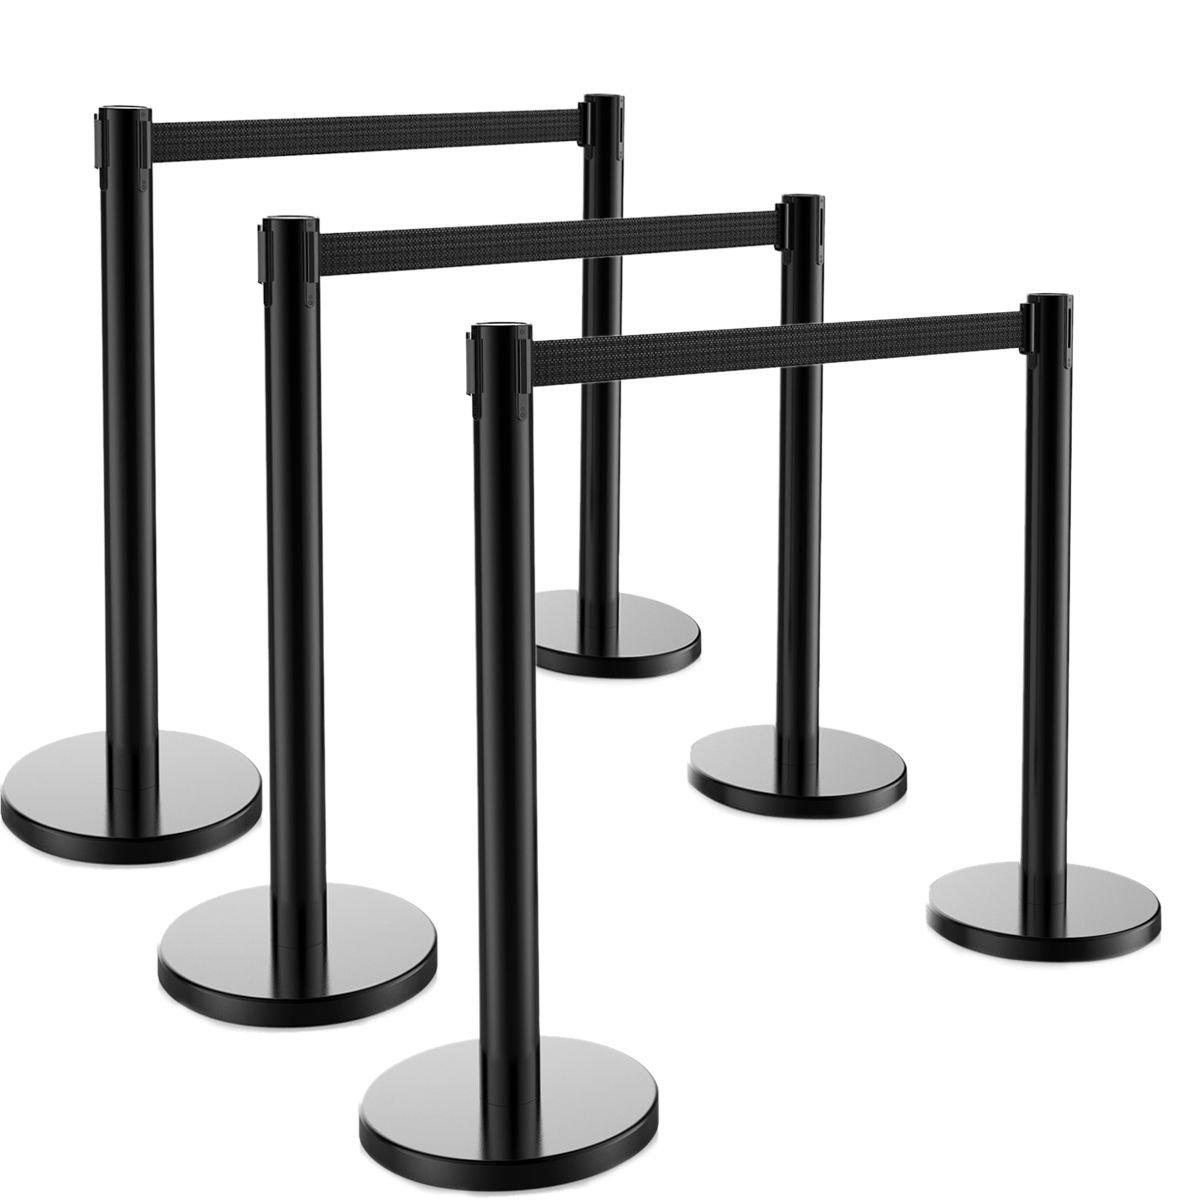 6 PCS Crowd Control Barrier Stanchion Posts Queue Pole Retractable Black Belt